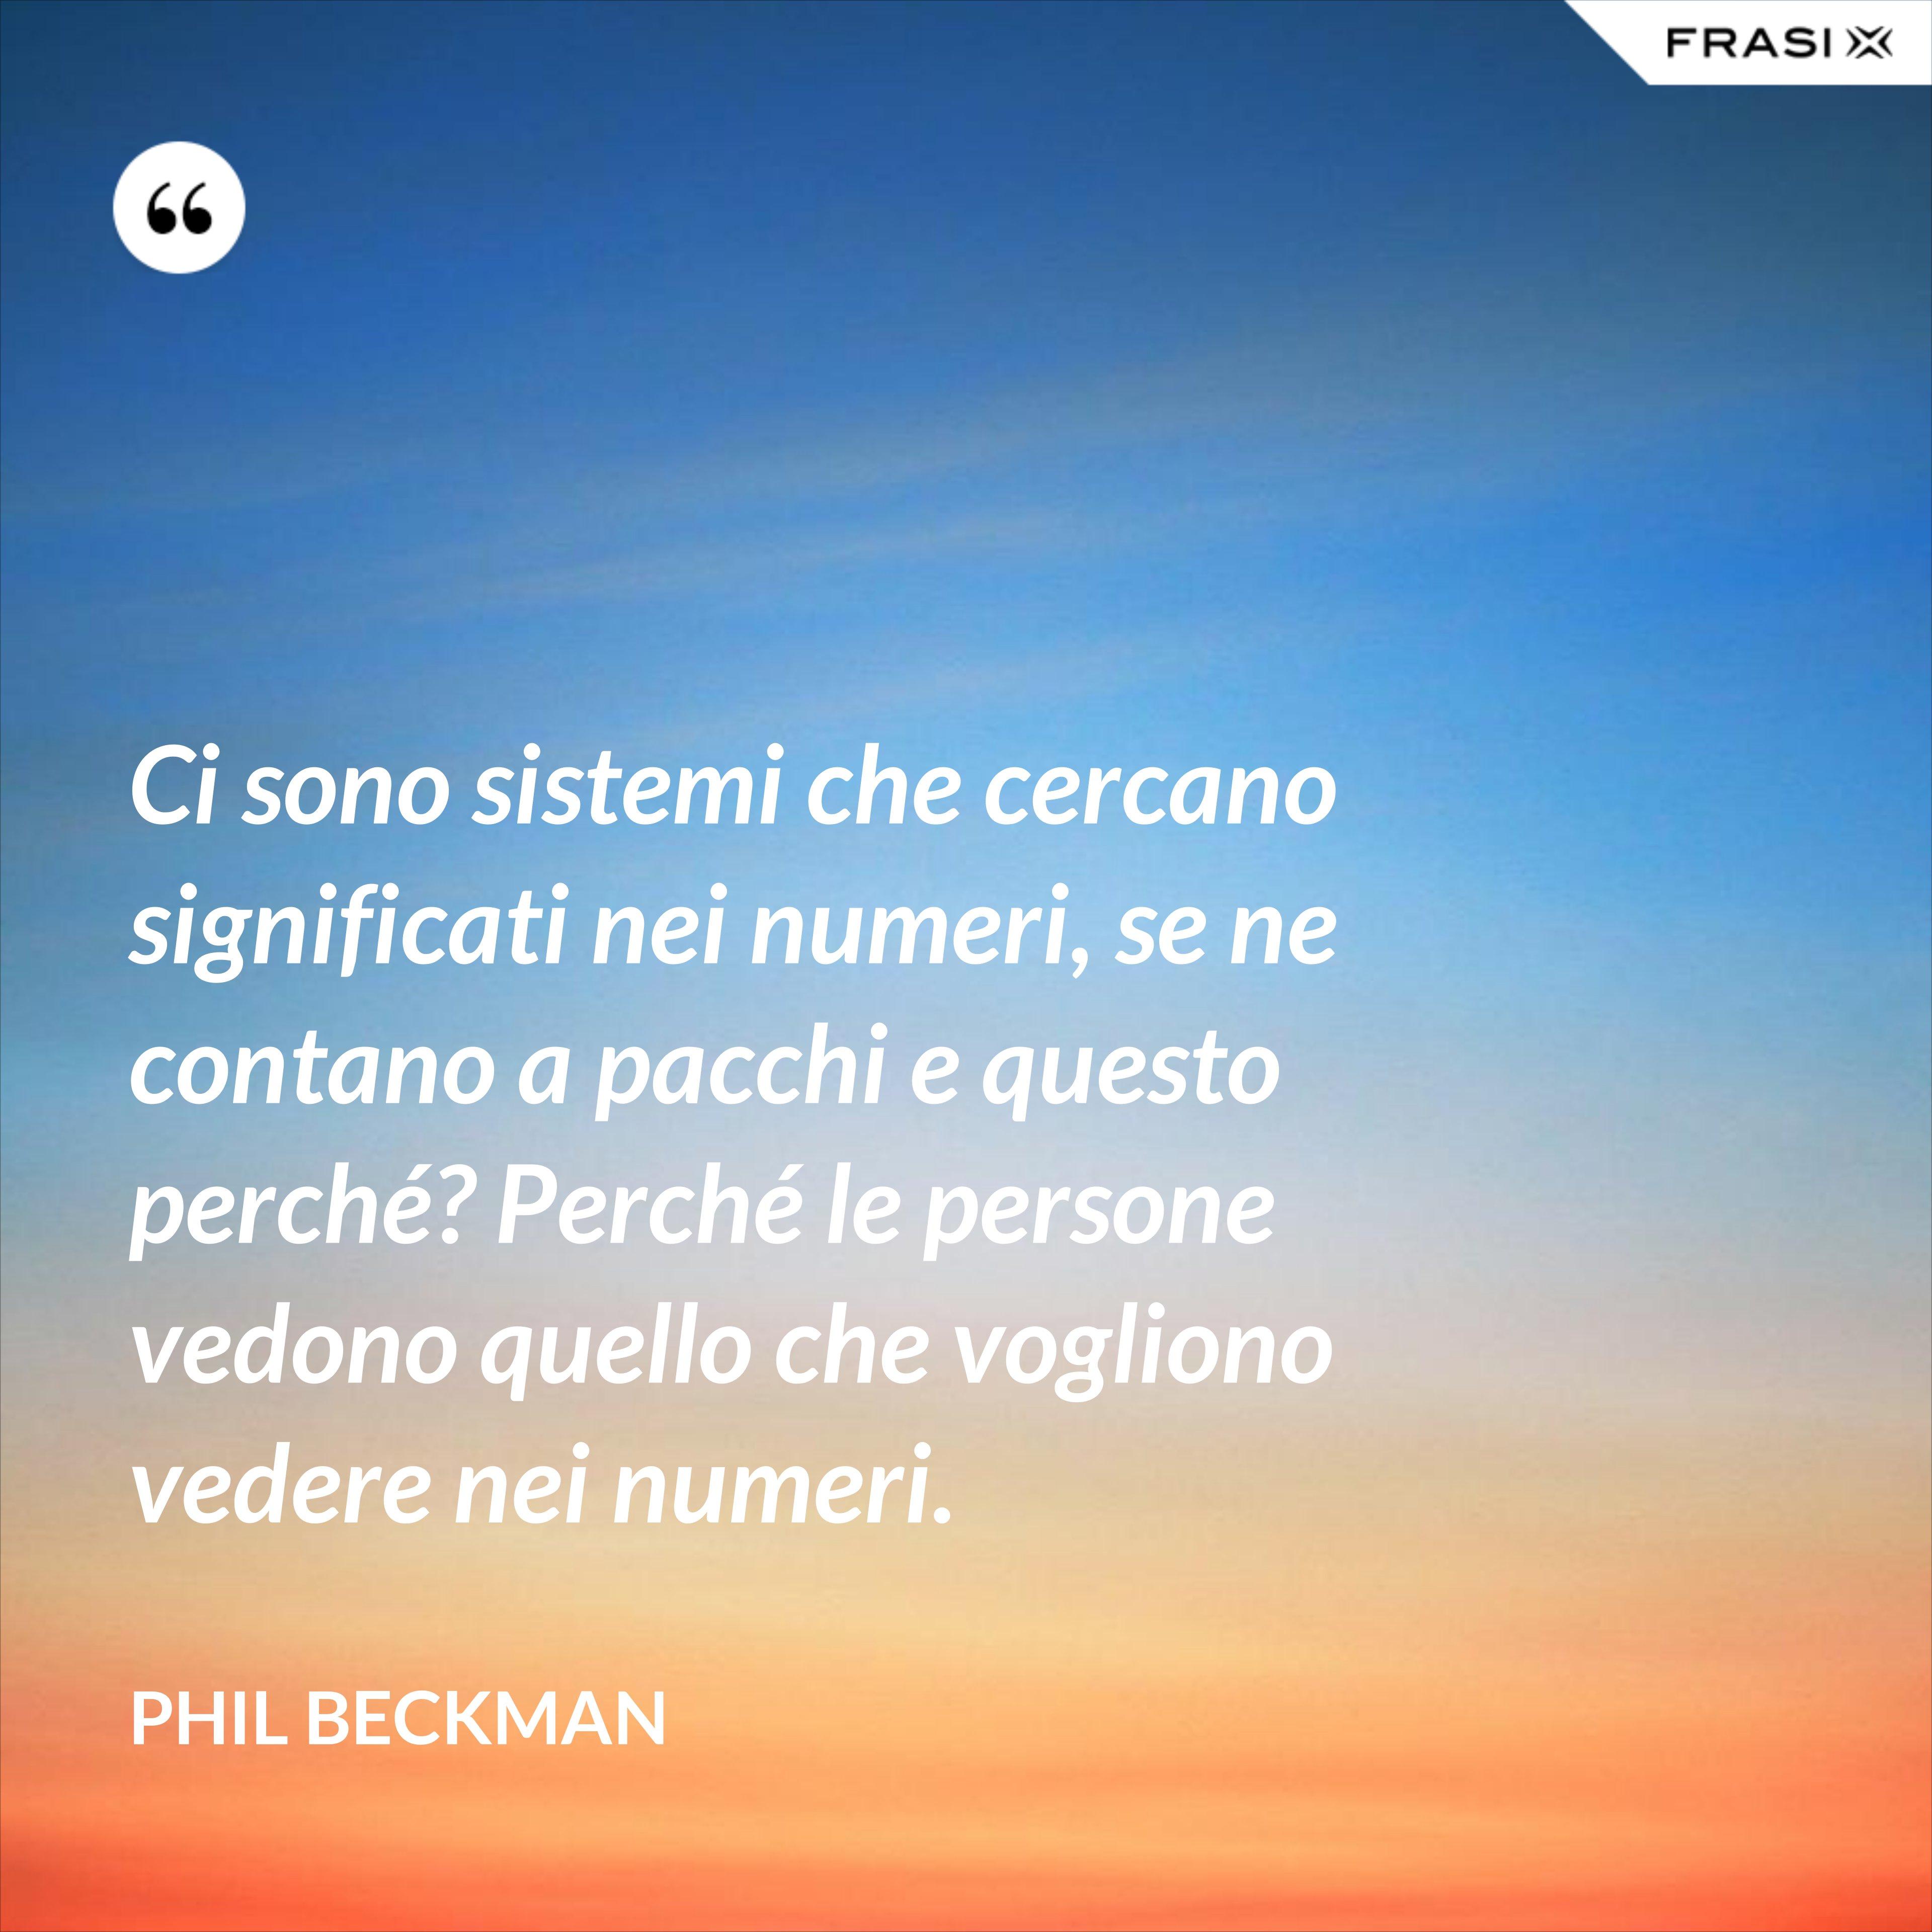 Ci sono sistemi che cercano significati nei numeri, se ne contano a pacchi e questo perché? Perché le persone vedono quello che vogliono vedere nei numeri. - Phil Beckman